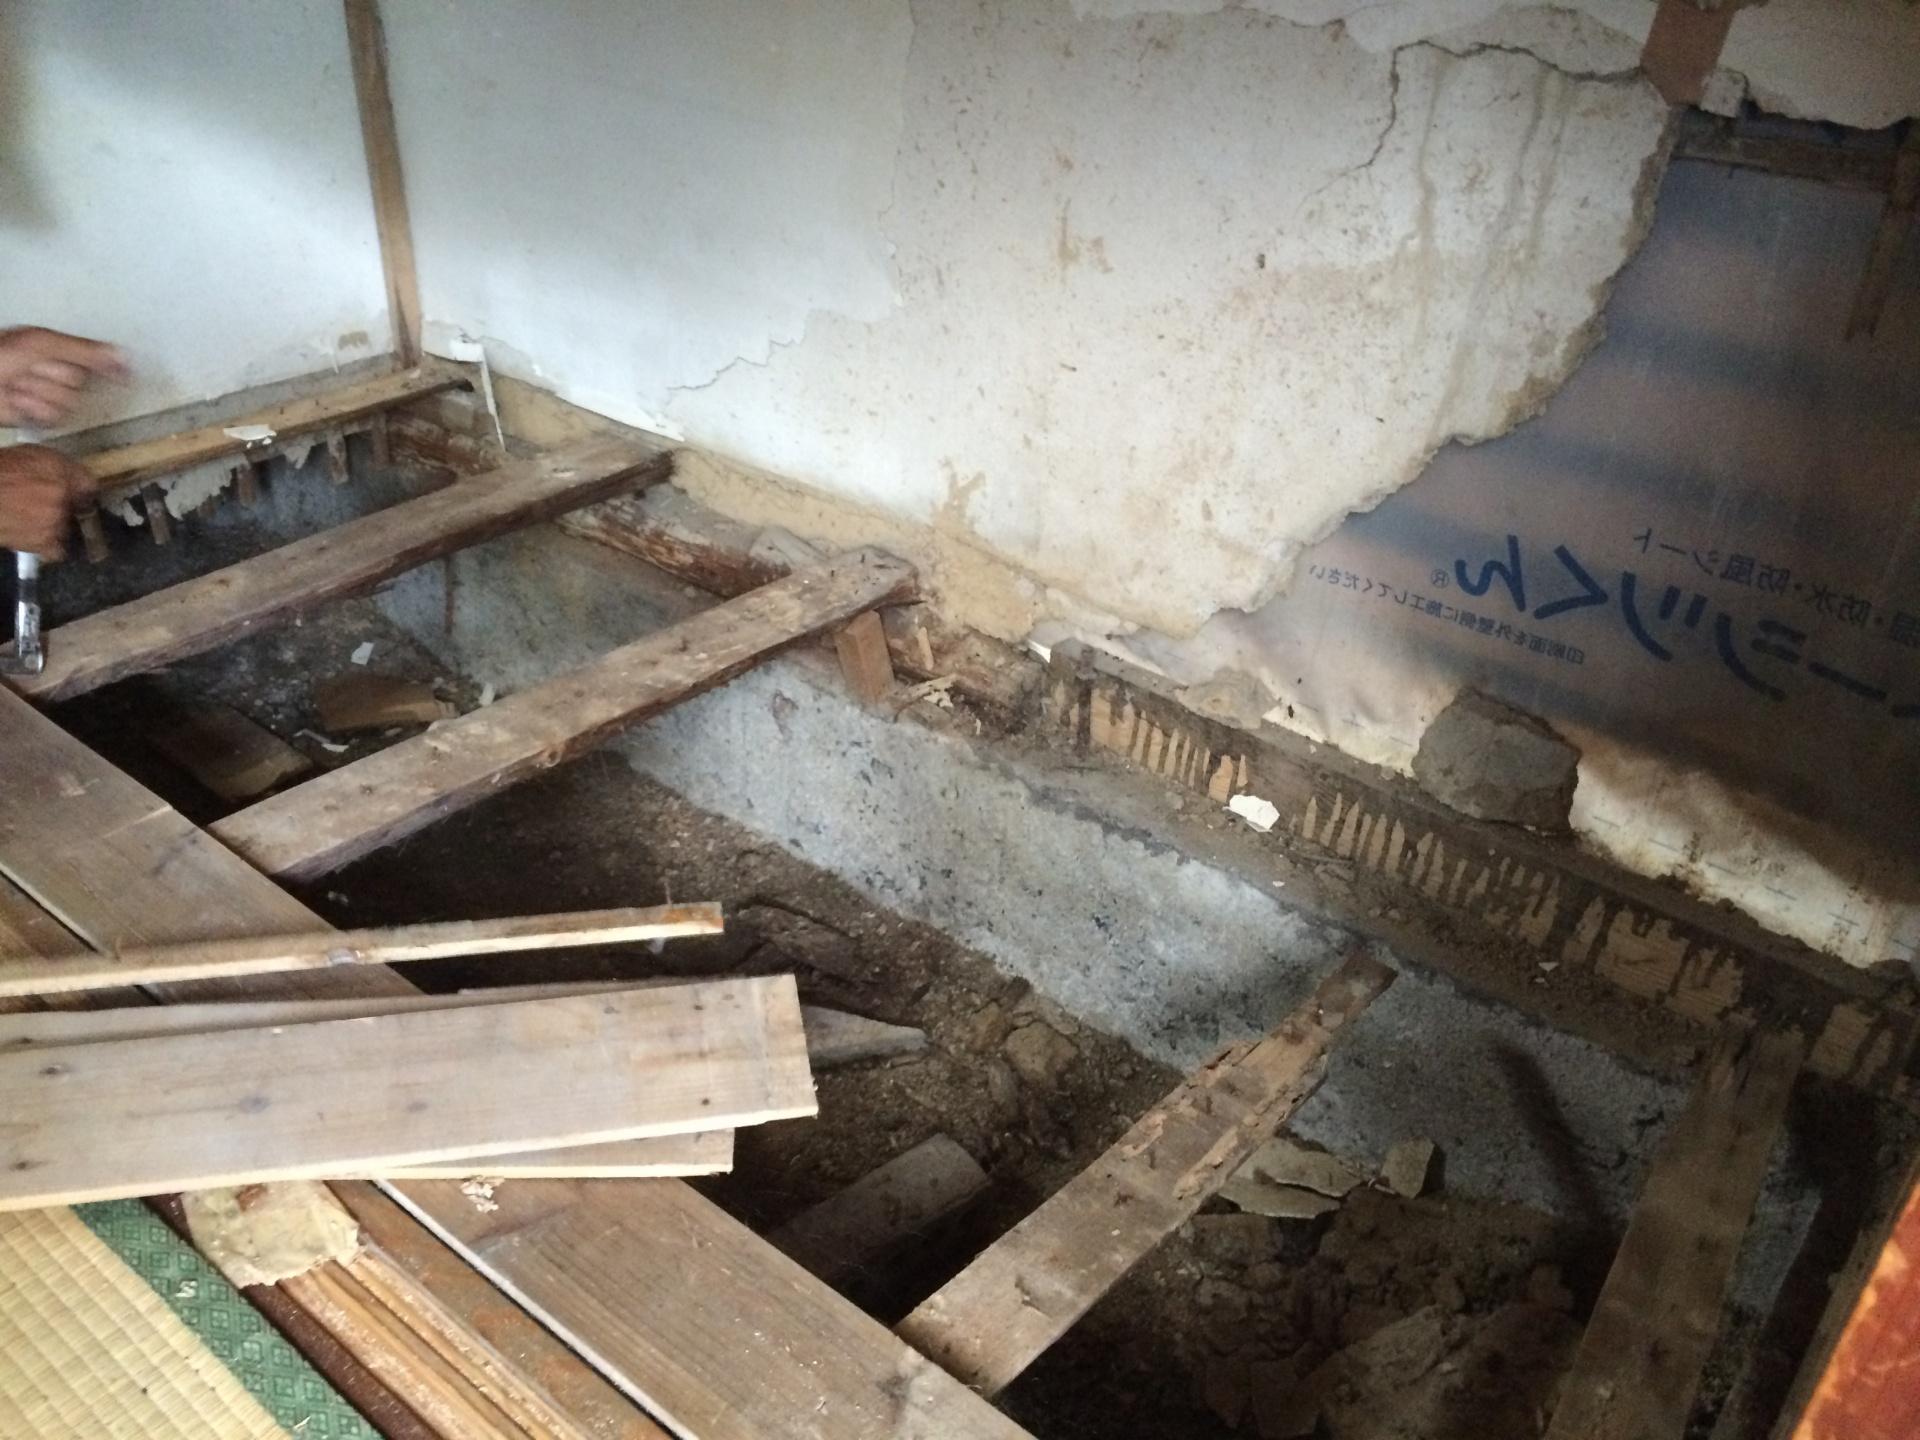 雨漏り室内床壁のダメージ